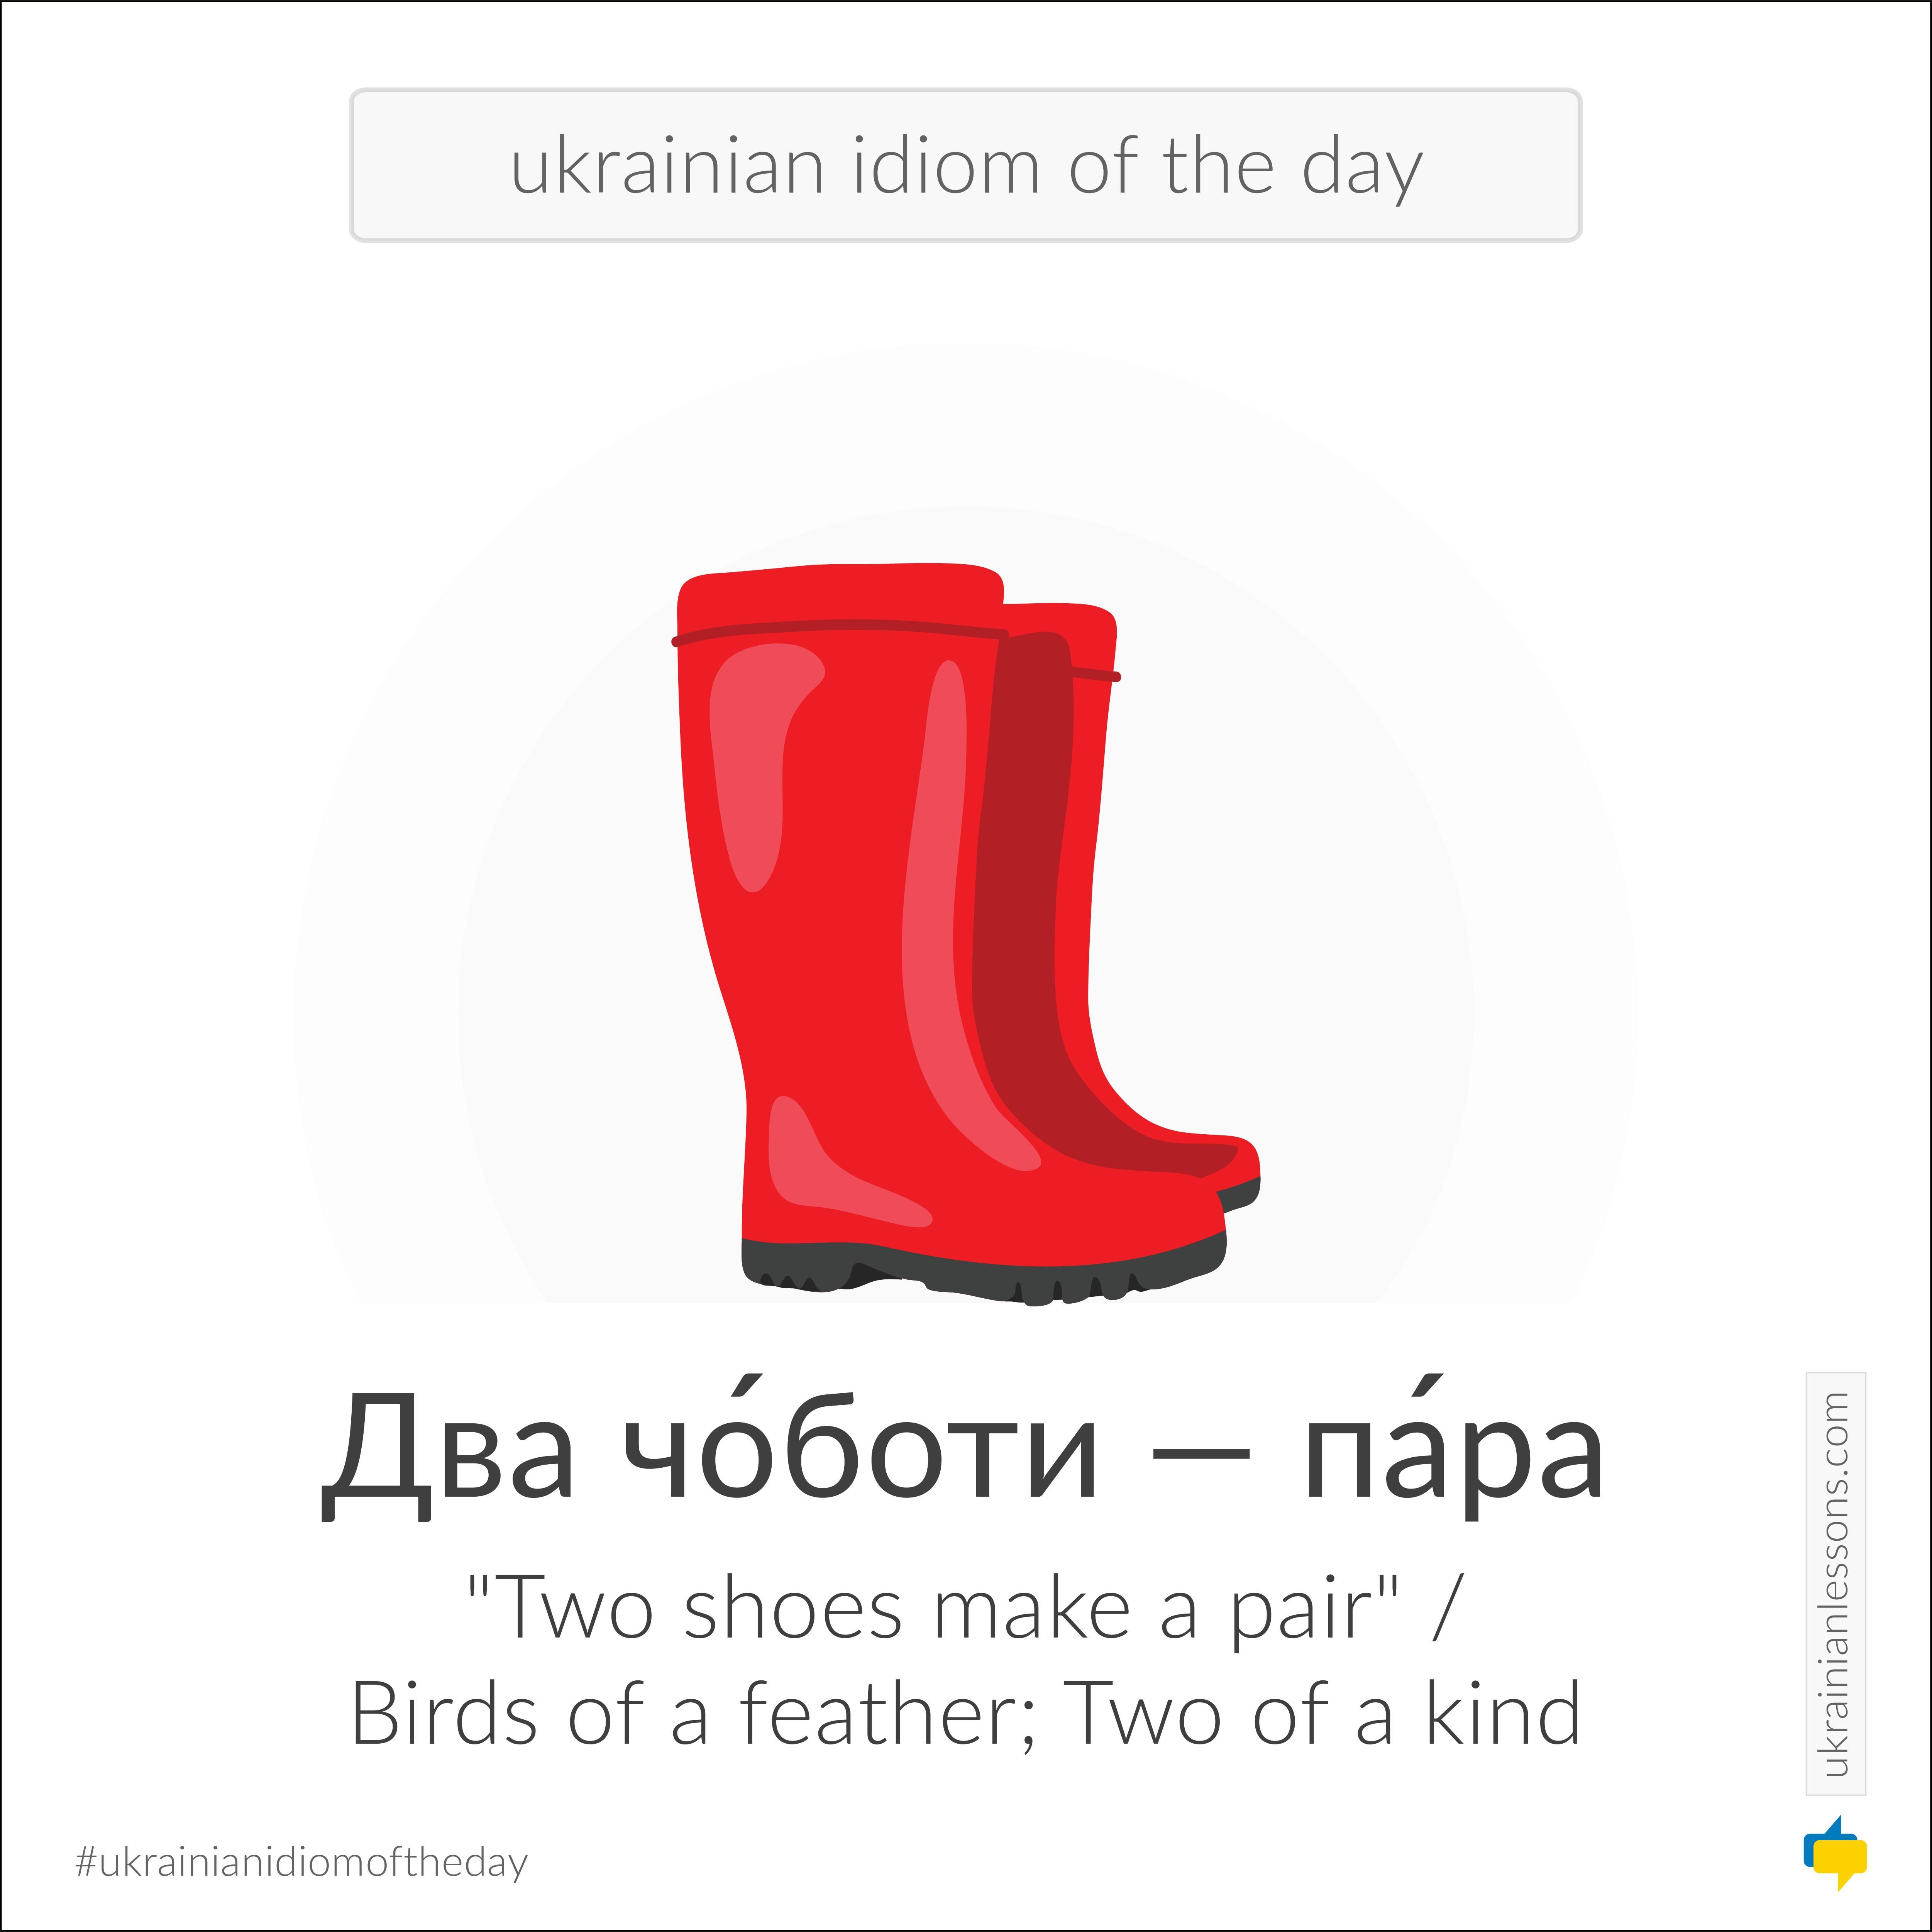 Idioms in Ukrainian